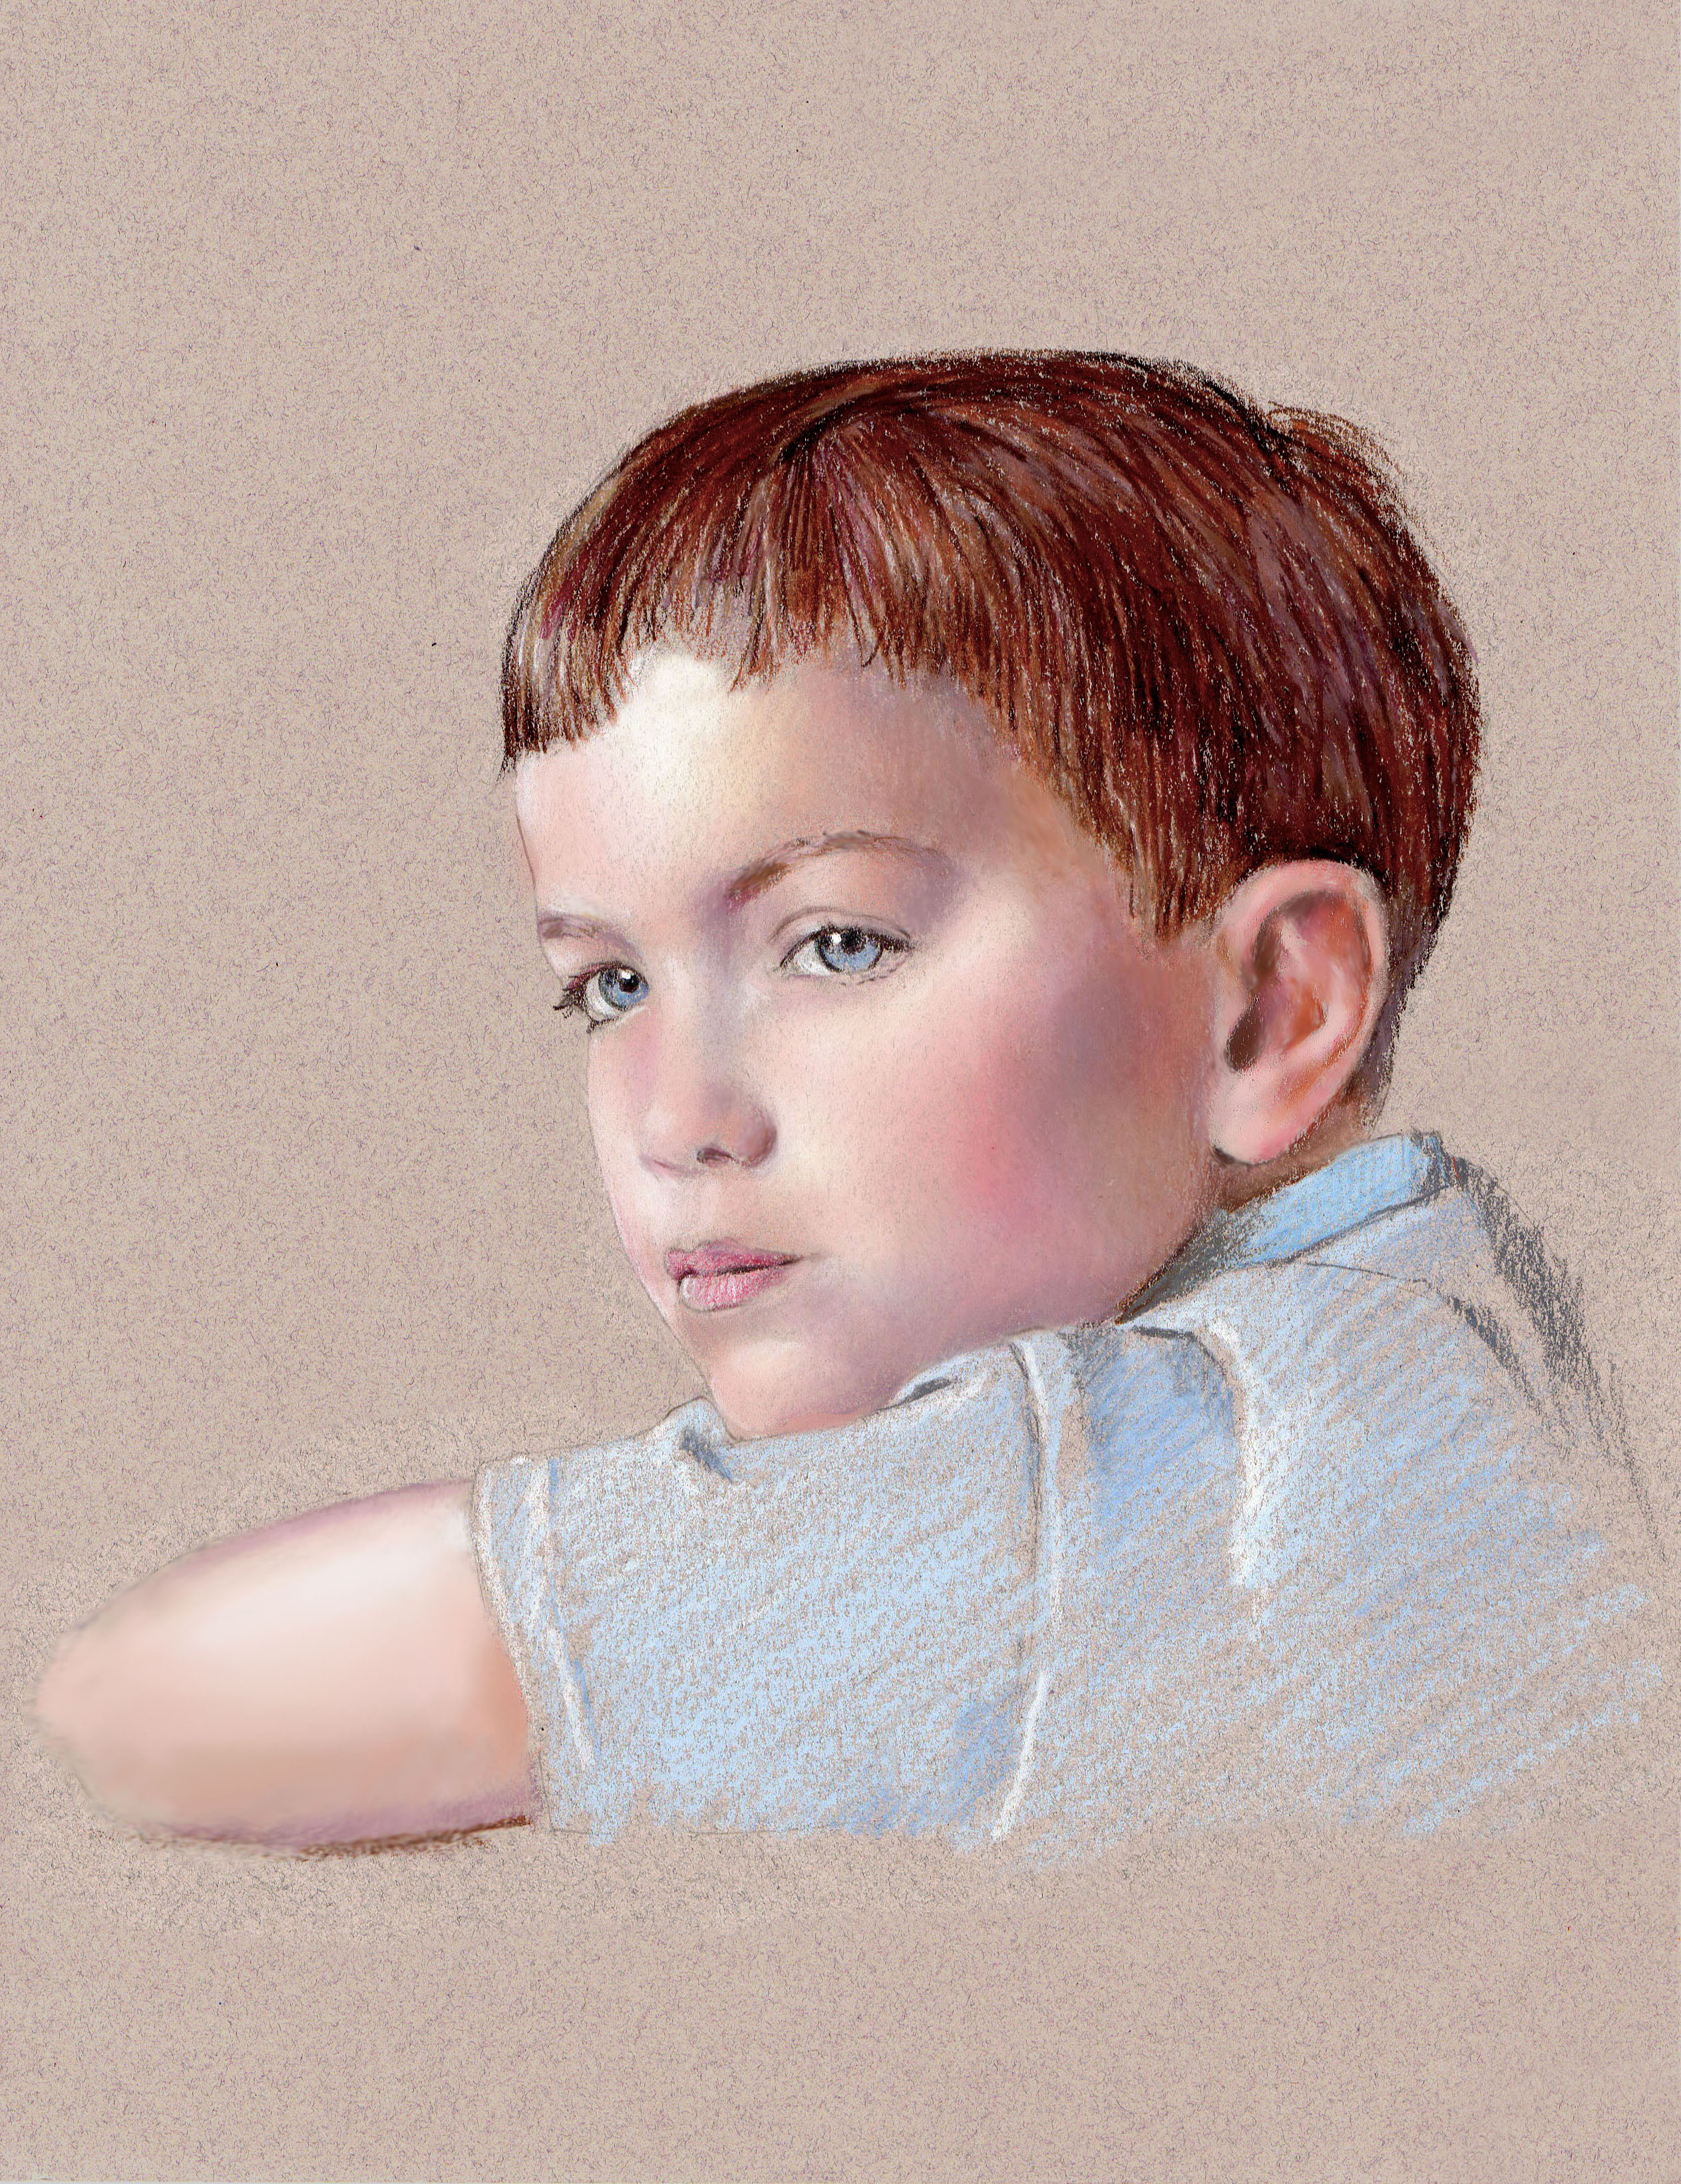 Young Boy's Portrait